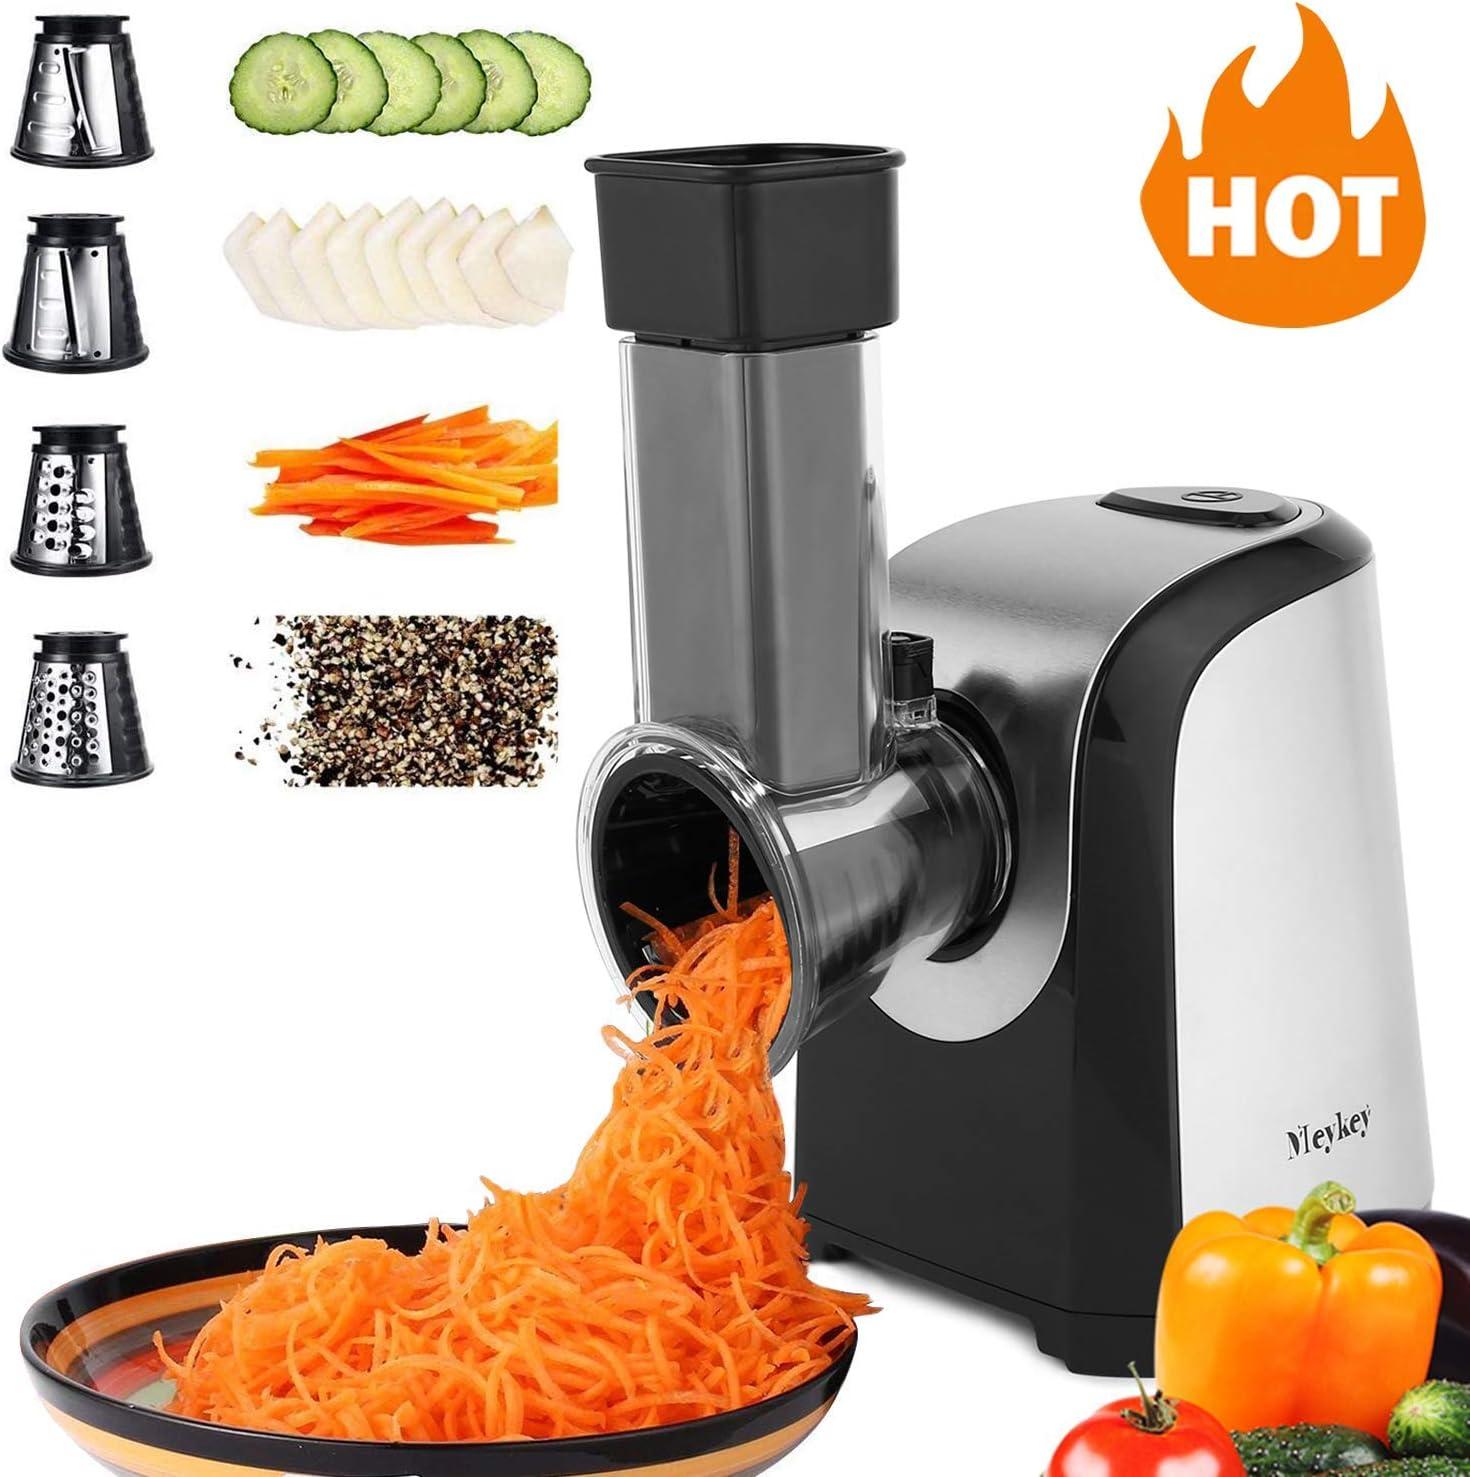 Oliote Electric - Rallador eléctrico de cocina con 4 accesorios de acero inoxidable, 150 W, color negro: Amazon.es: Hogar